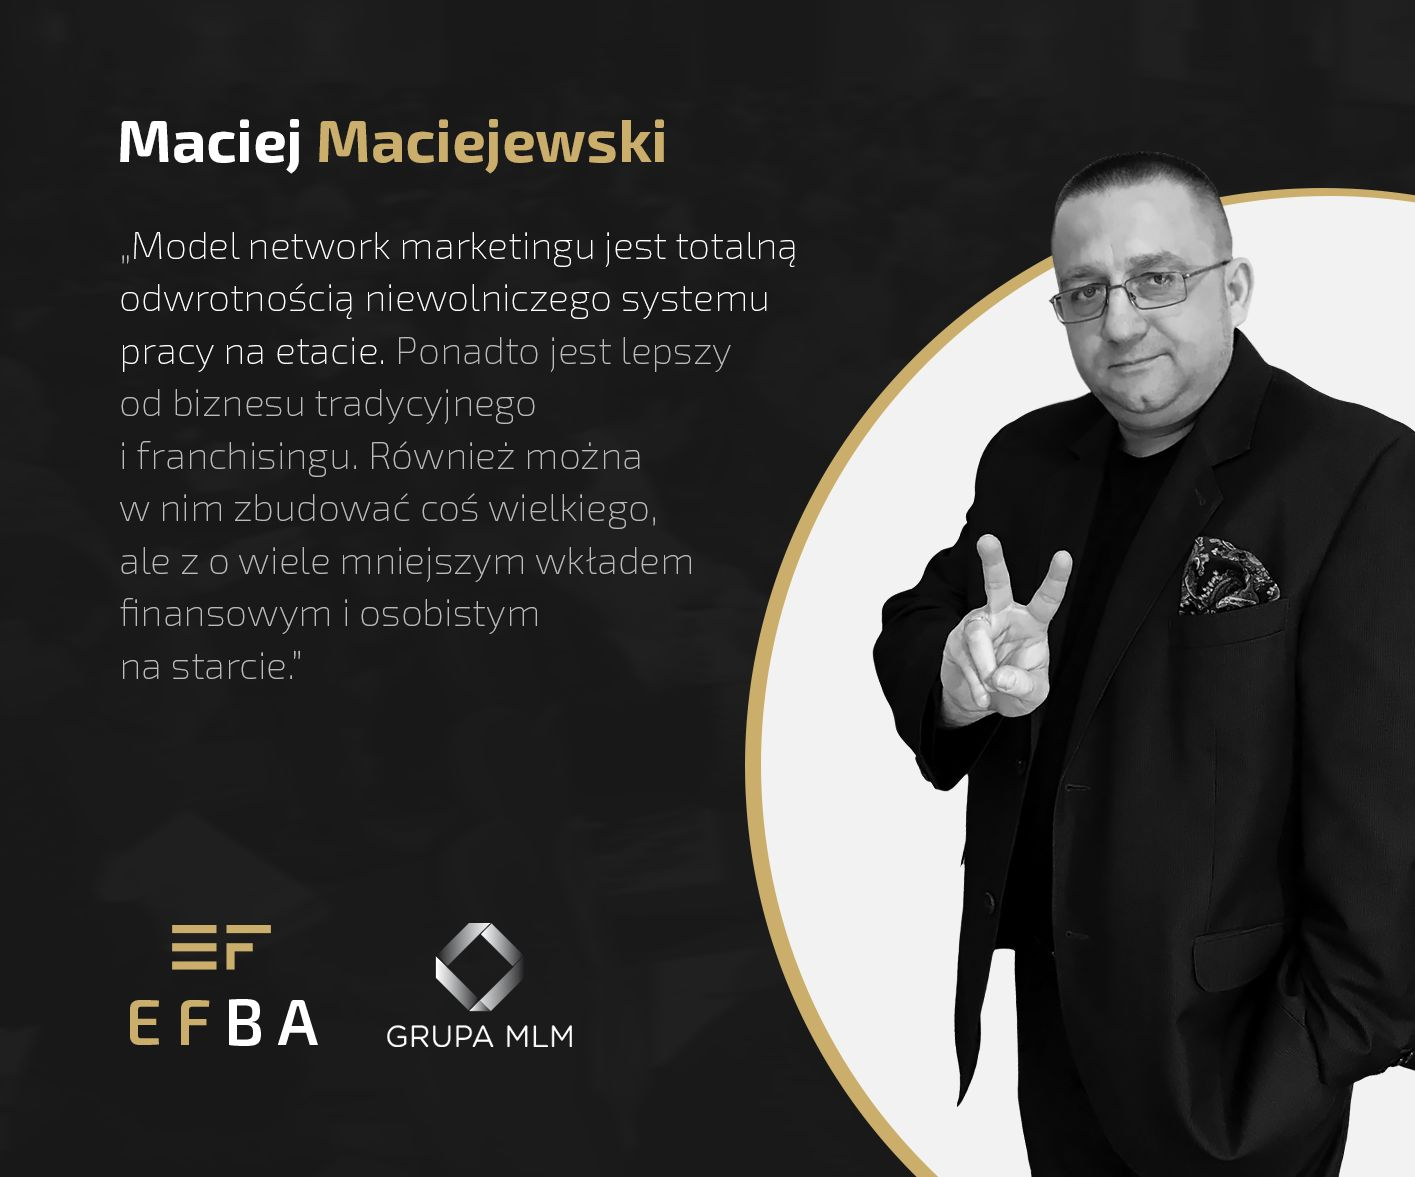 Maciej Maciejewski